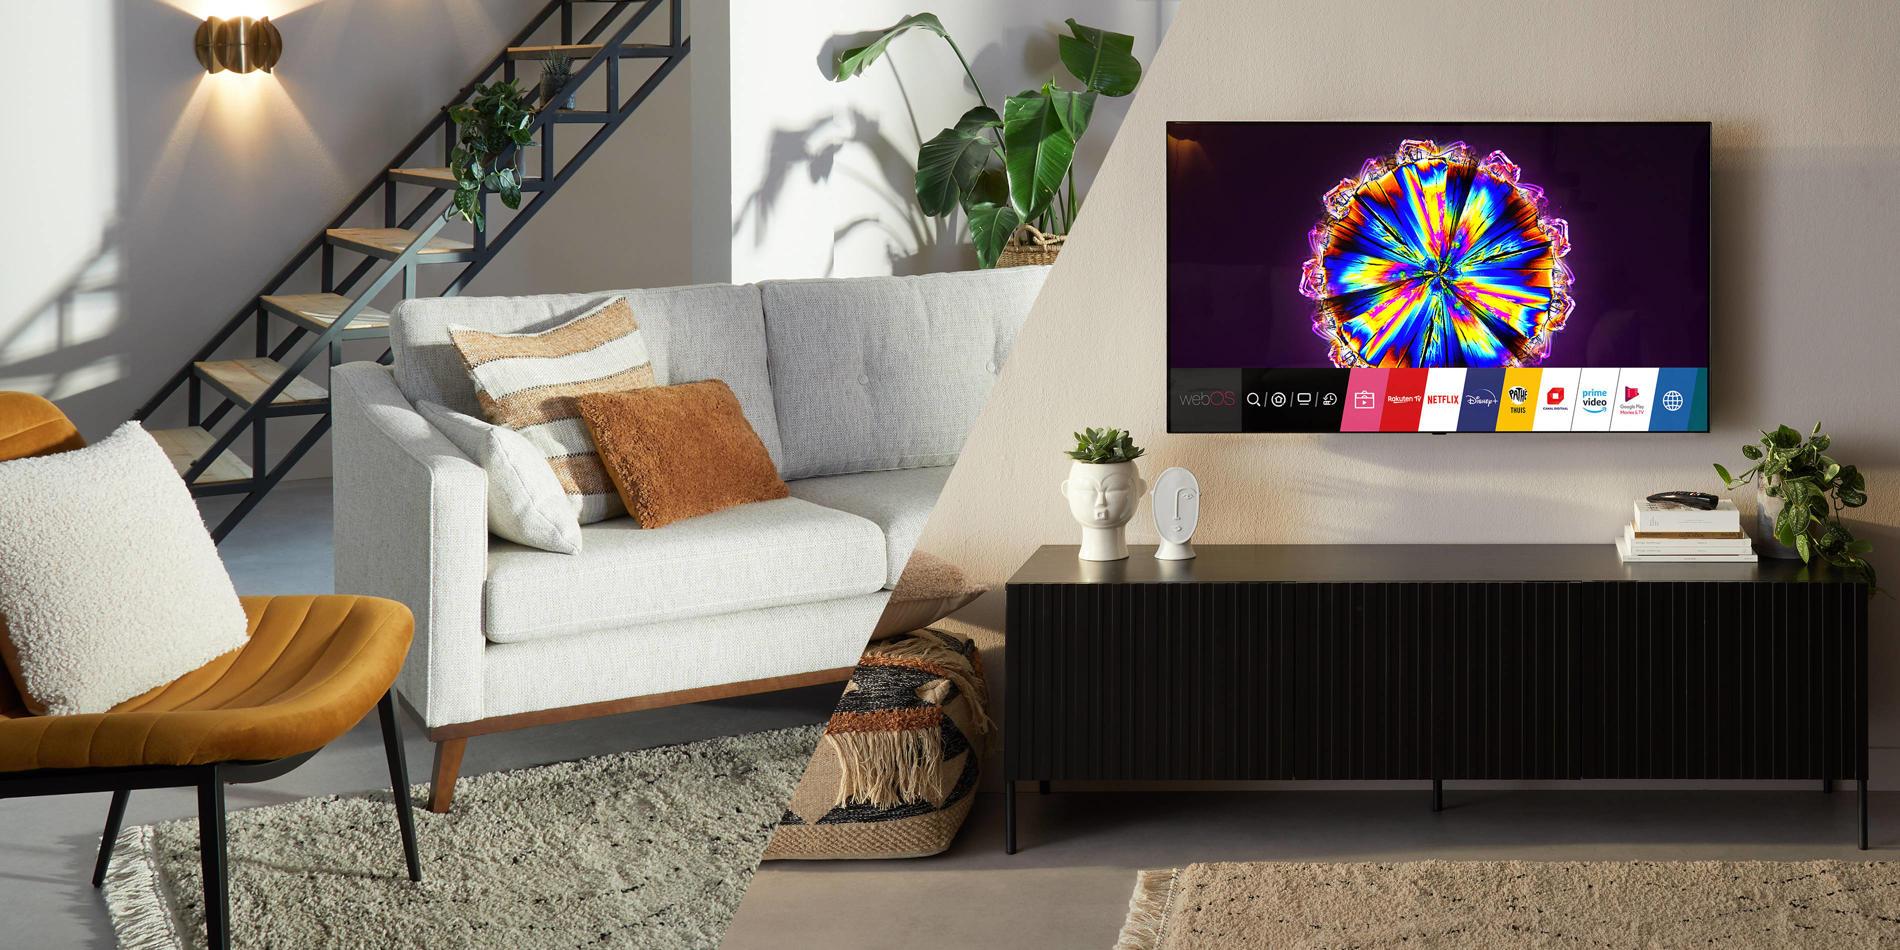 LG Oled en NanoCell tv's. Scherp geprijsde tv's die perfect in jouw huis passen